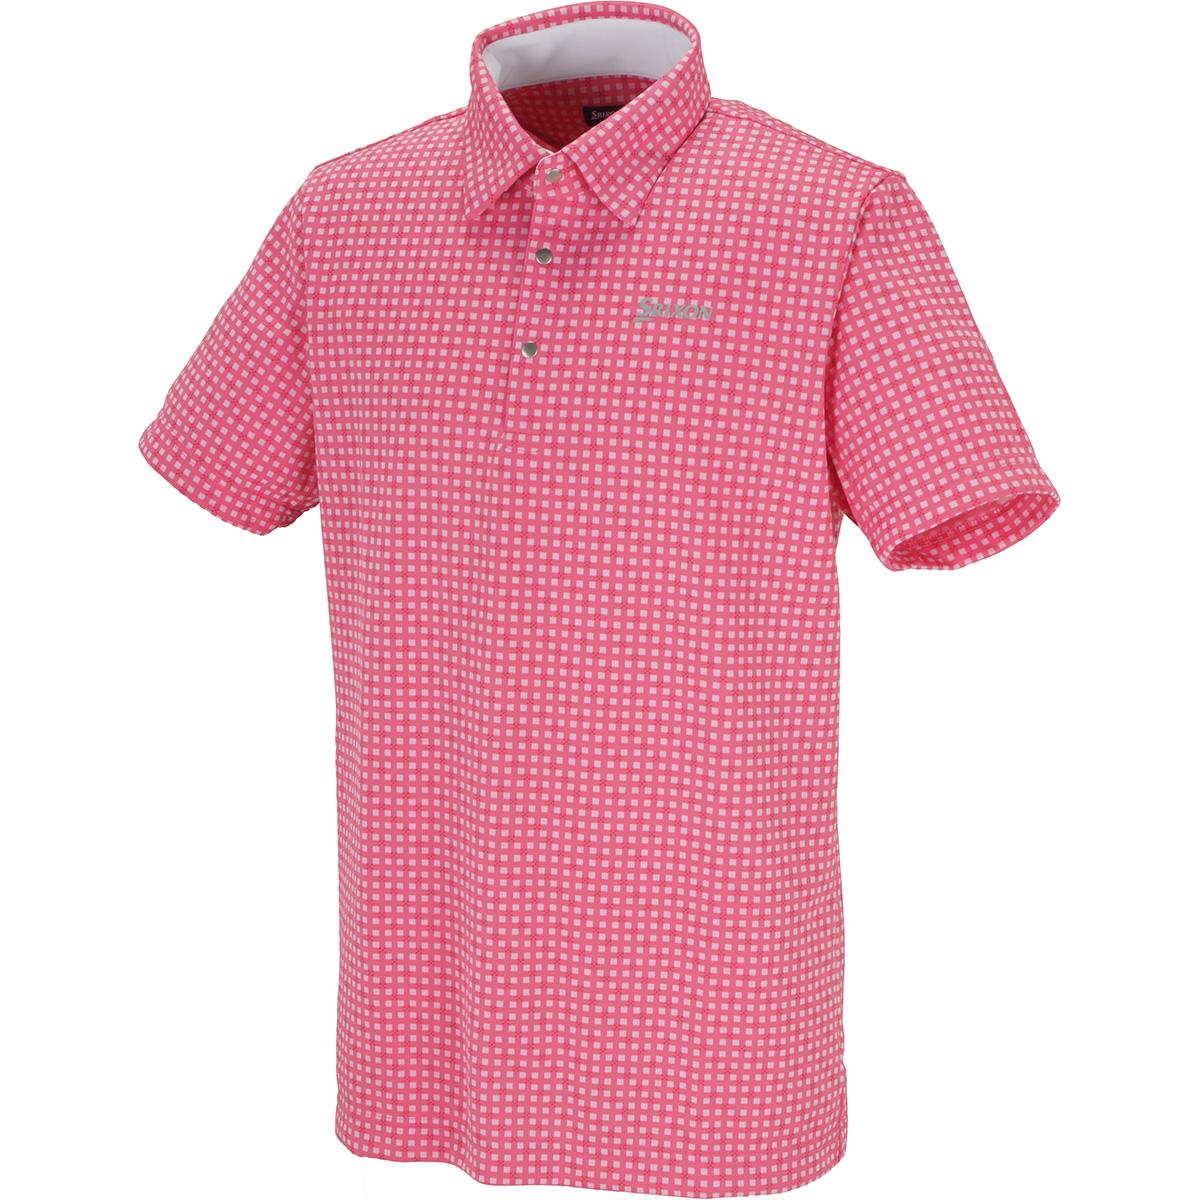 針抜きジャカード半袖ポロシャツ